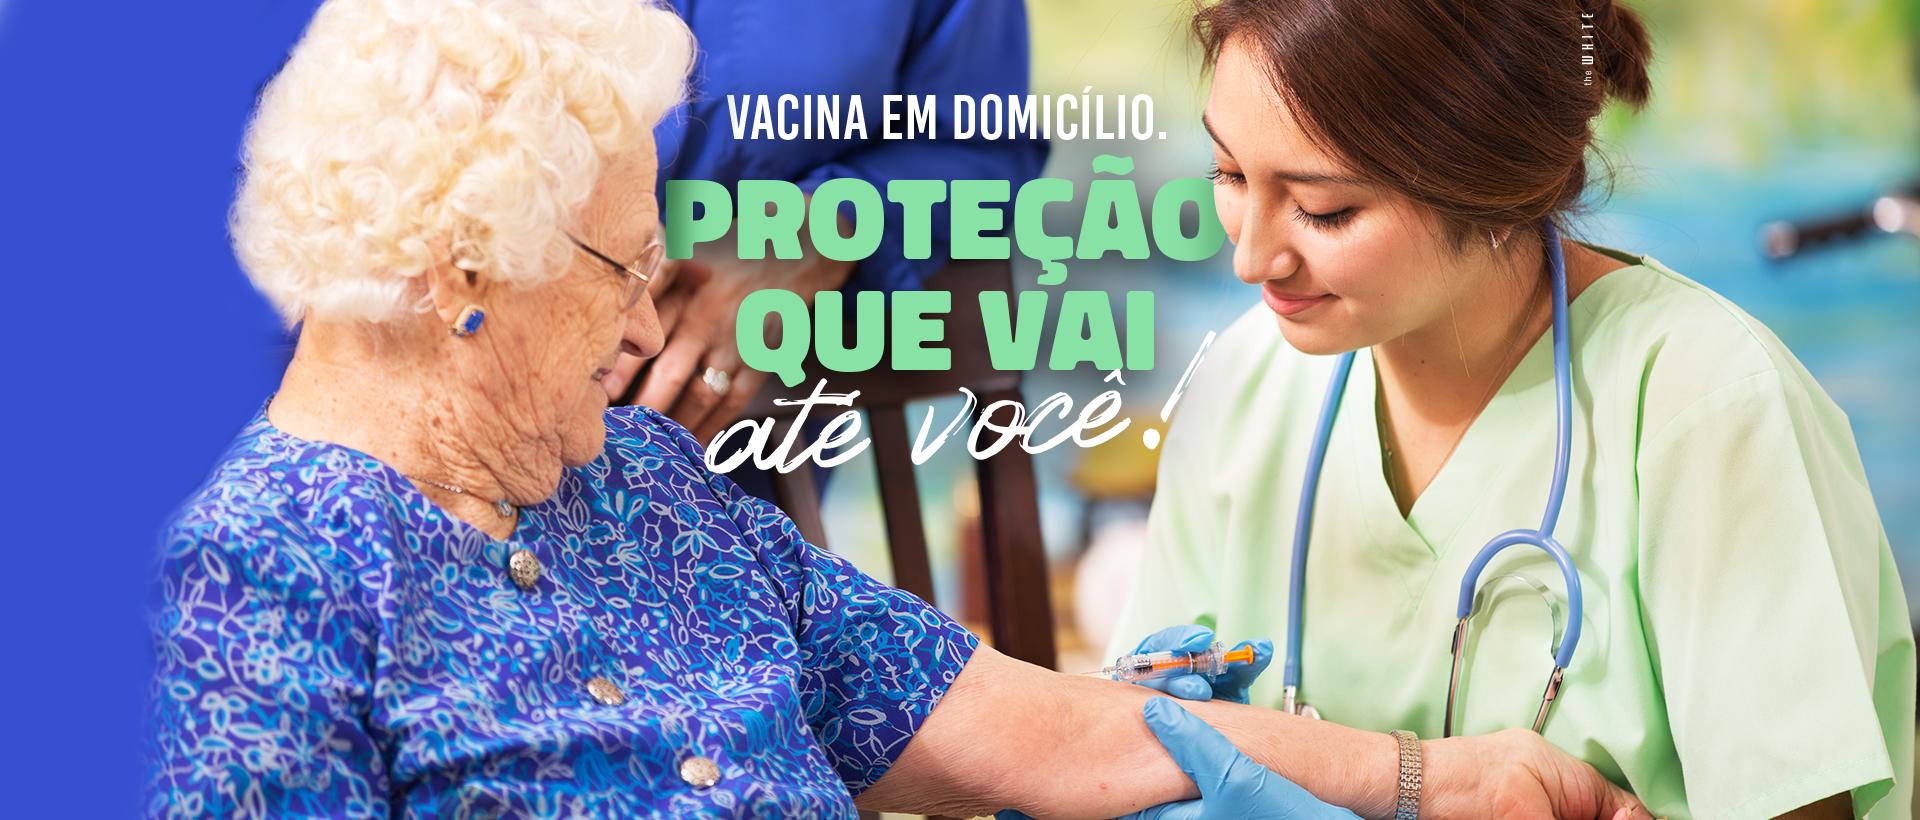 Vacinar em Domicilio